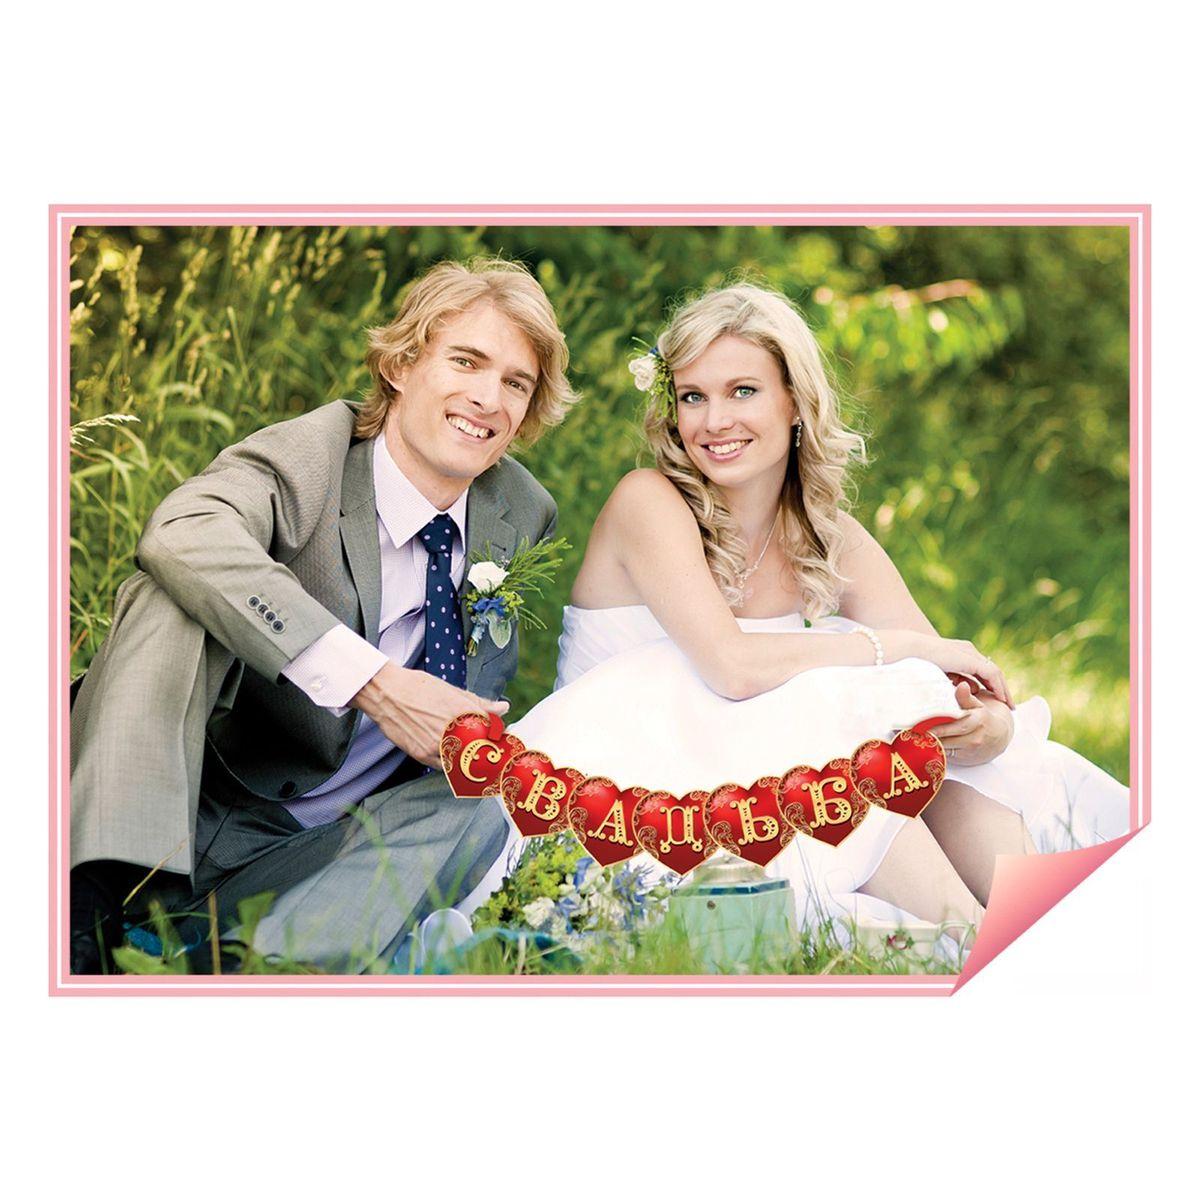 Фотобутафория на ленте Sima-land Свадьба, 11,3 x 140 x 0,1 смRSP-202SФотобутафория на ленте Свадьба — прекрасный выбор для тех, кто хочет создать атмосферу праздника и сделать запоминающиеся свадебные снимки. На лицевой стороне напечатана красочная надпись. Украшение легко крепится на стену или дверной проём с помощью клейкой ленты или кнопок. Его также можно держать в руках.Уникальный дизайн создаст незабываемую атмосферу праздника и подарит море позитивных эмоций!